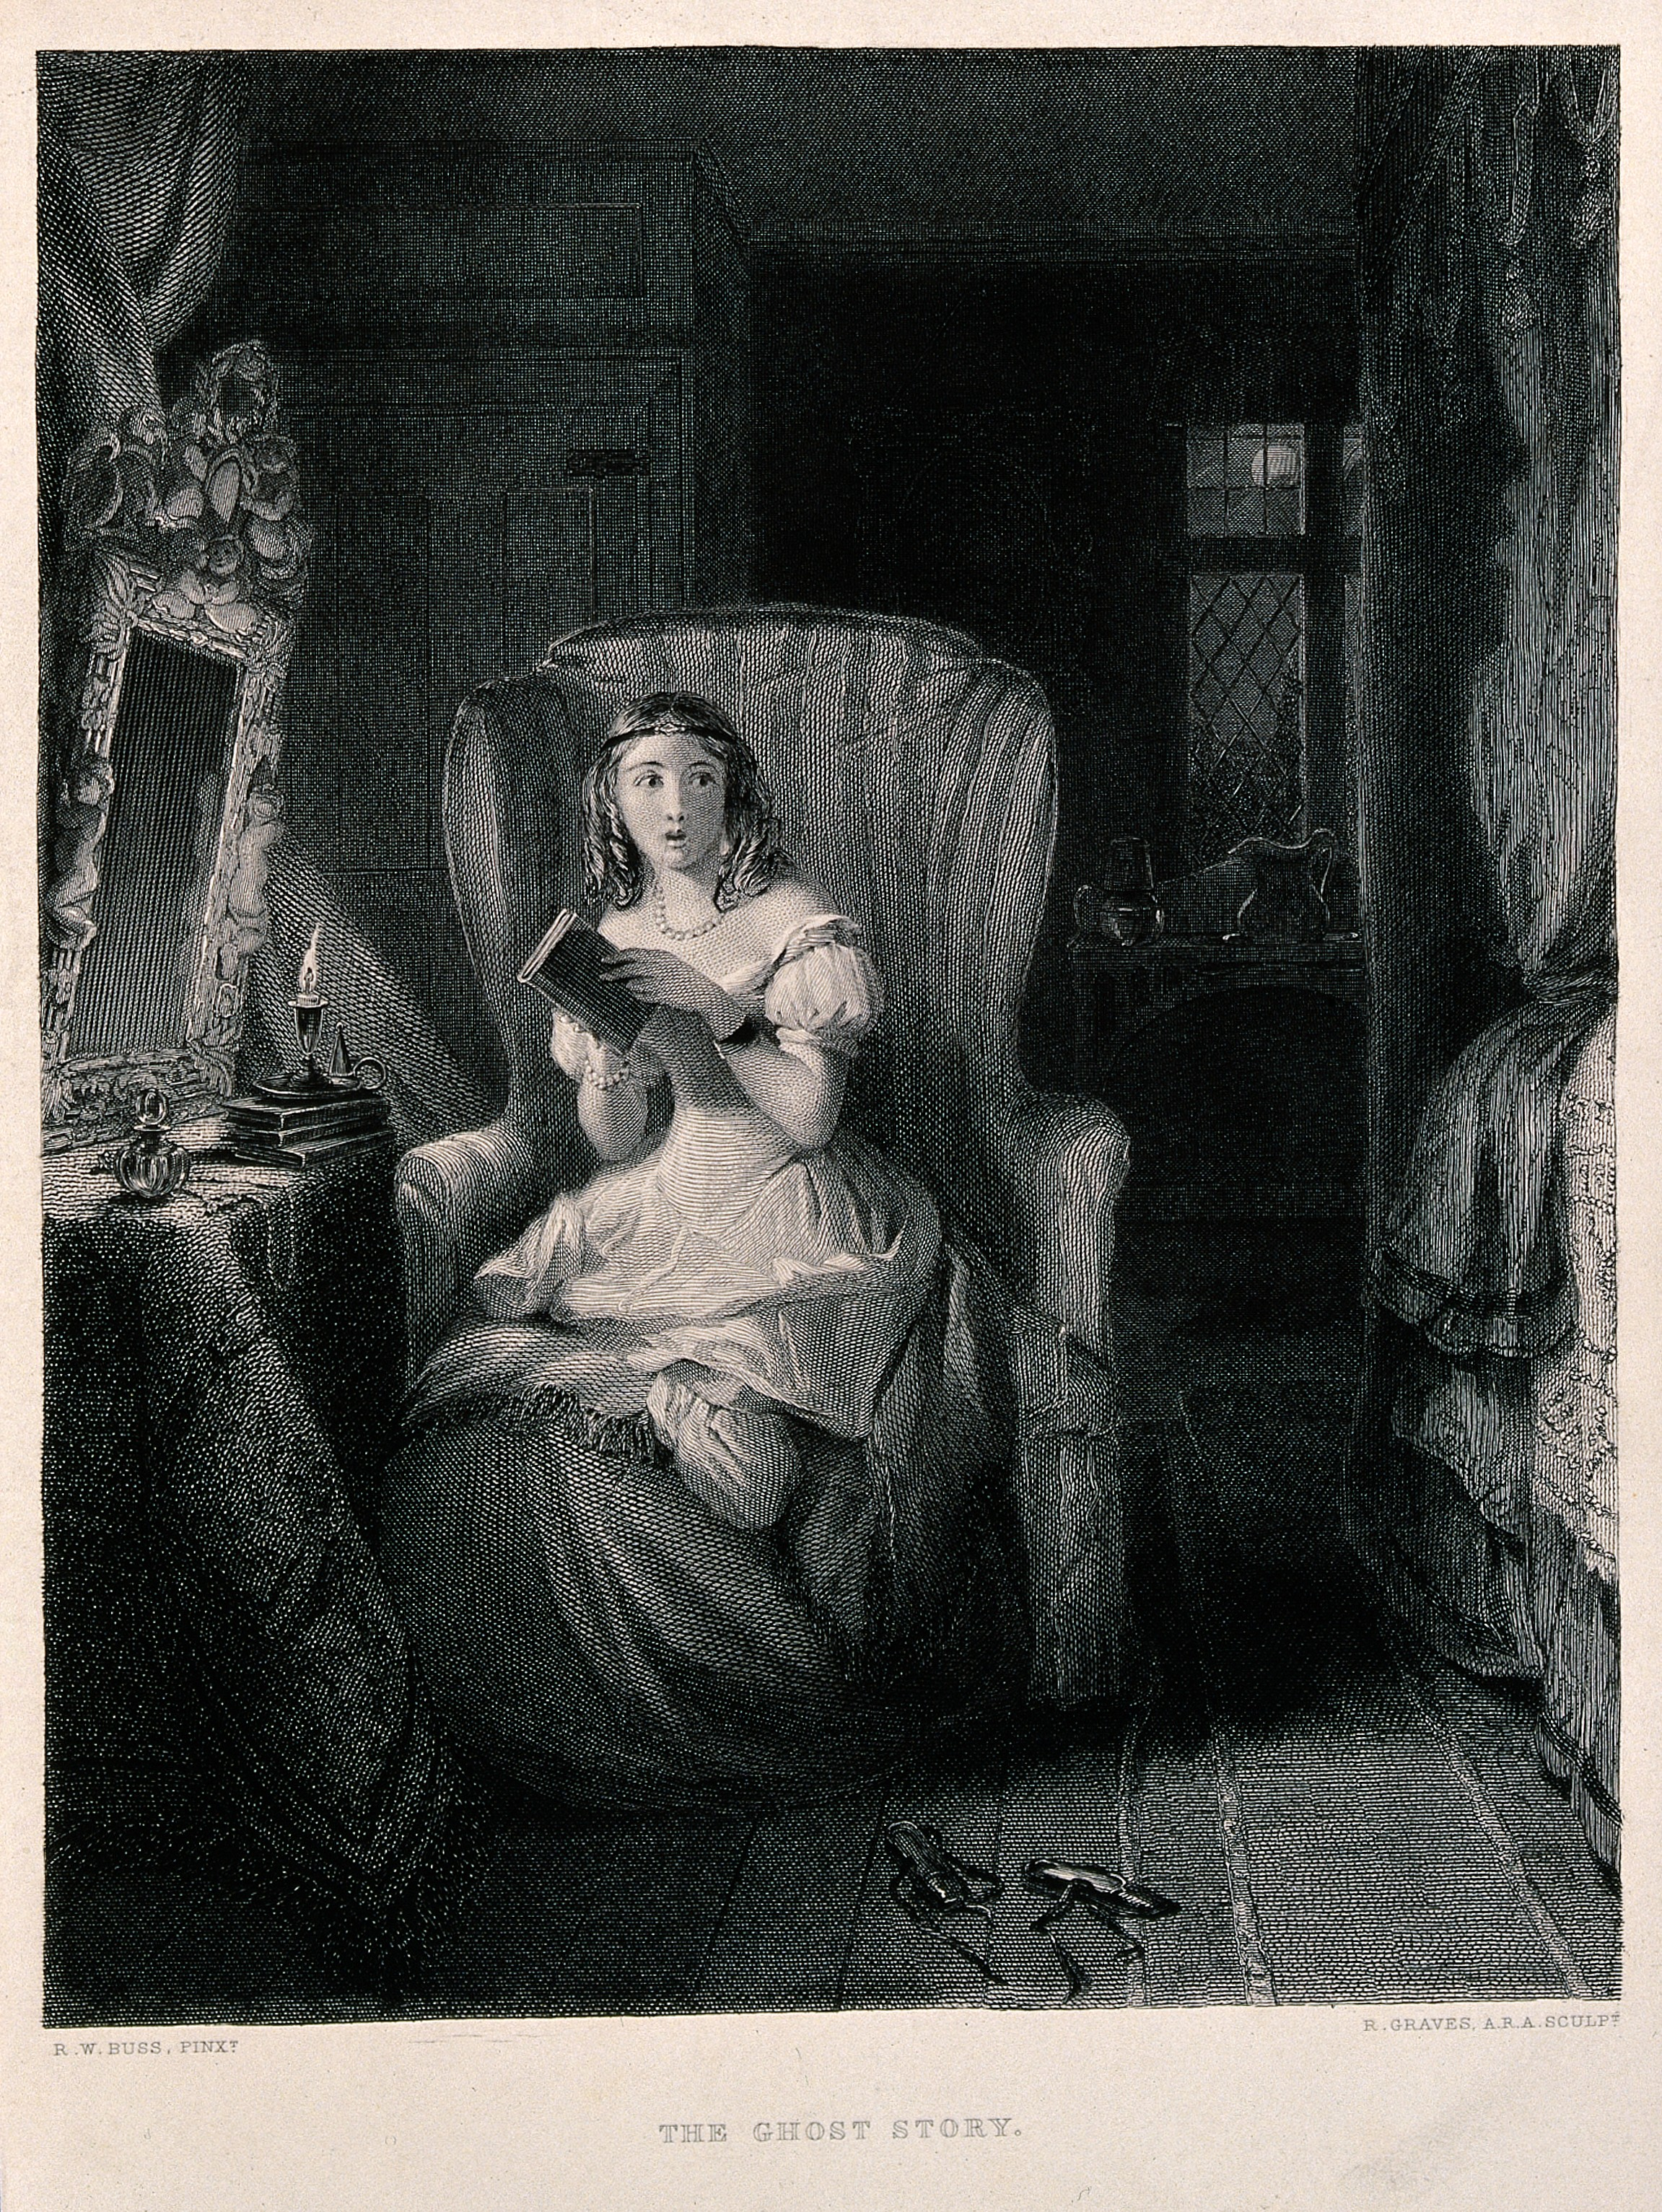 Junge Frau mit einem Buch bei Kerzenschein - sie schaut sich erschrocken nach einem Geist um.